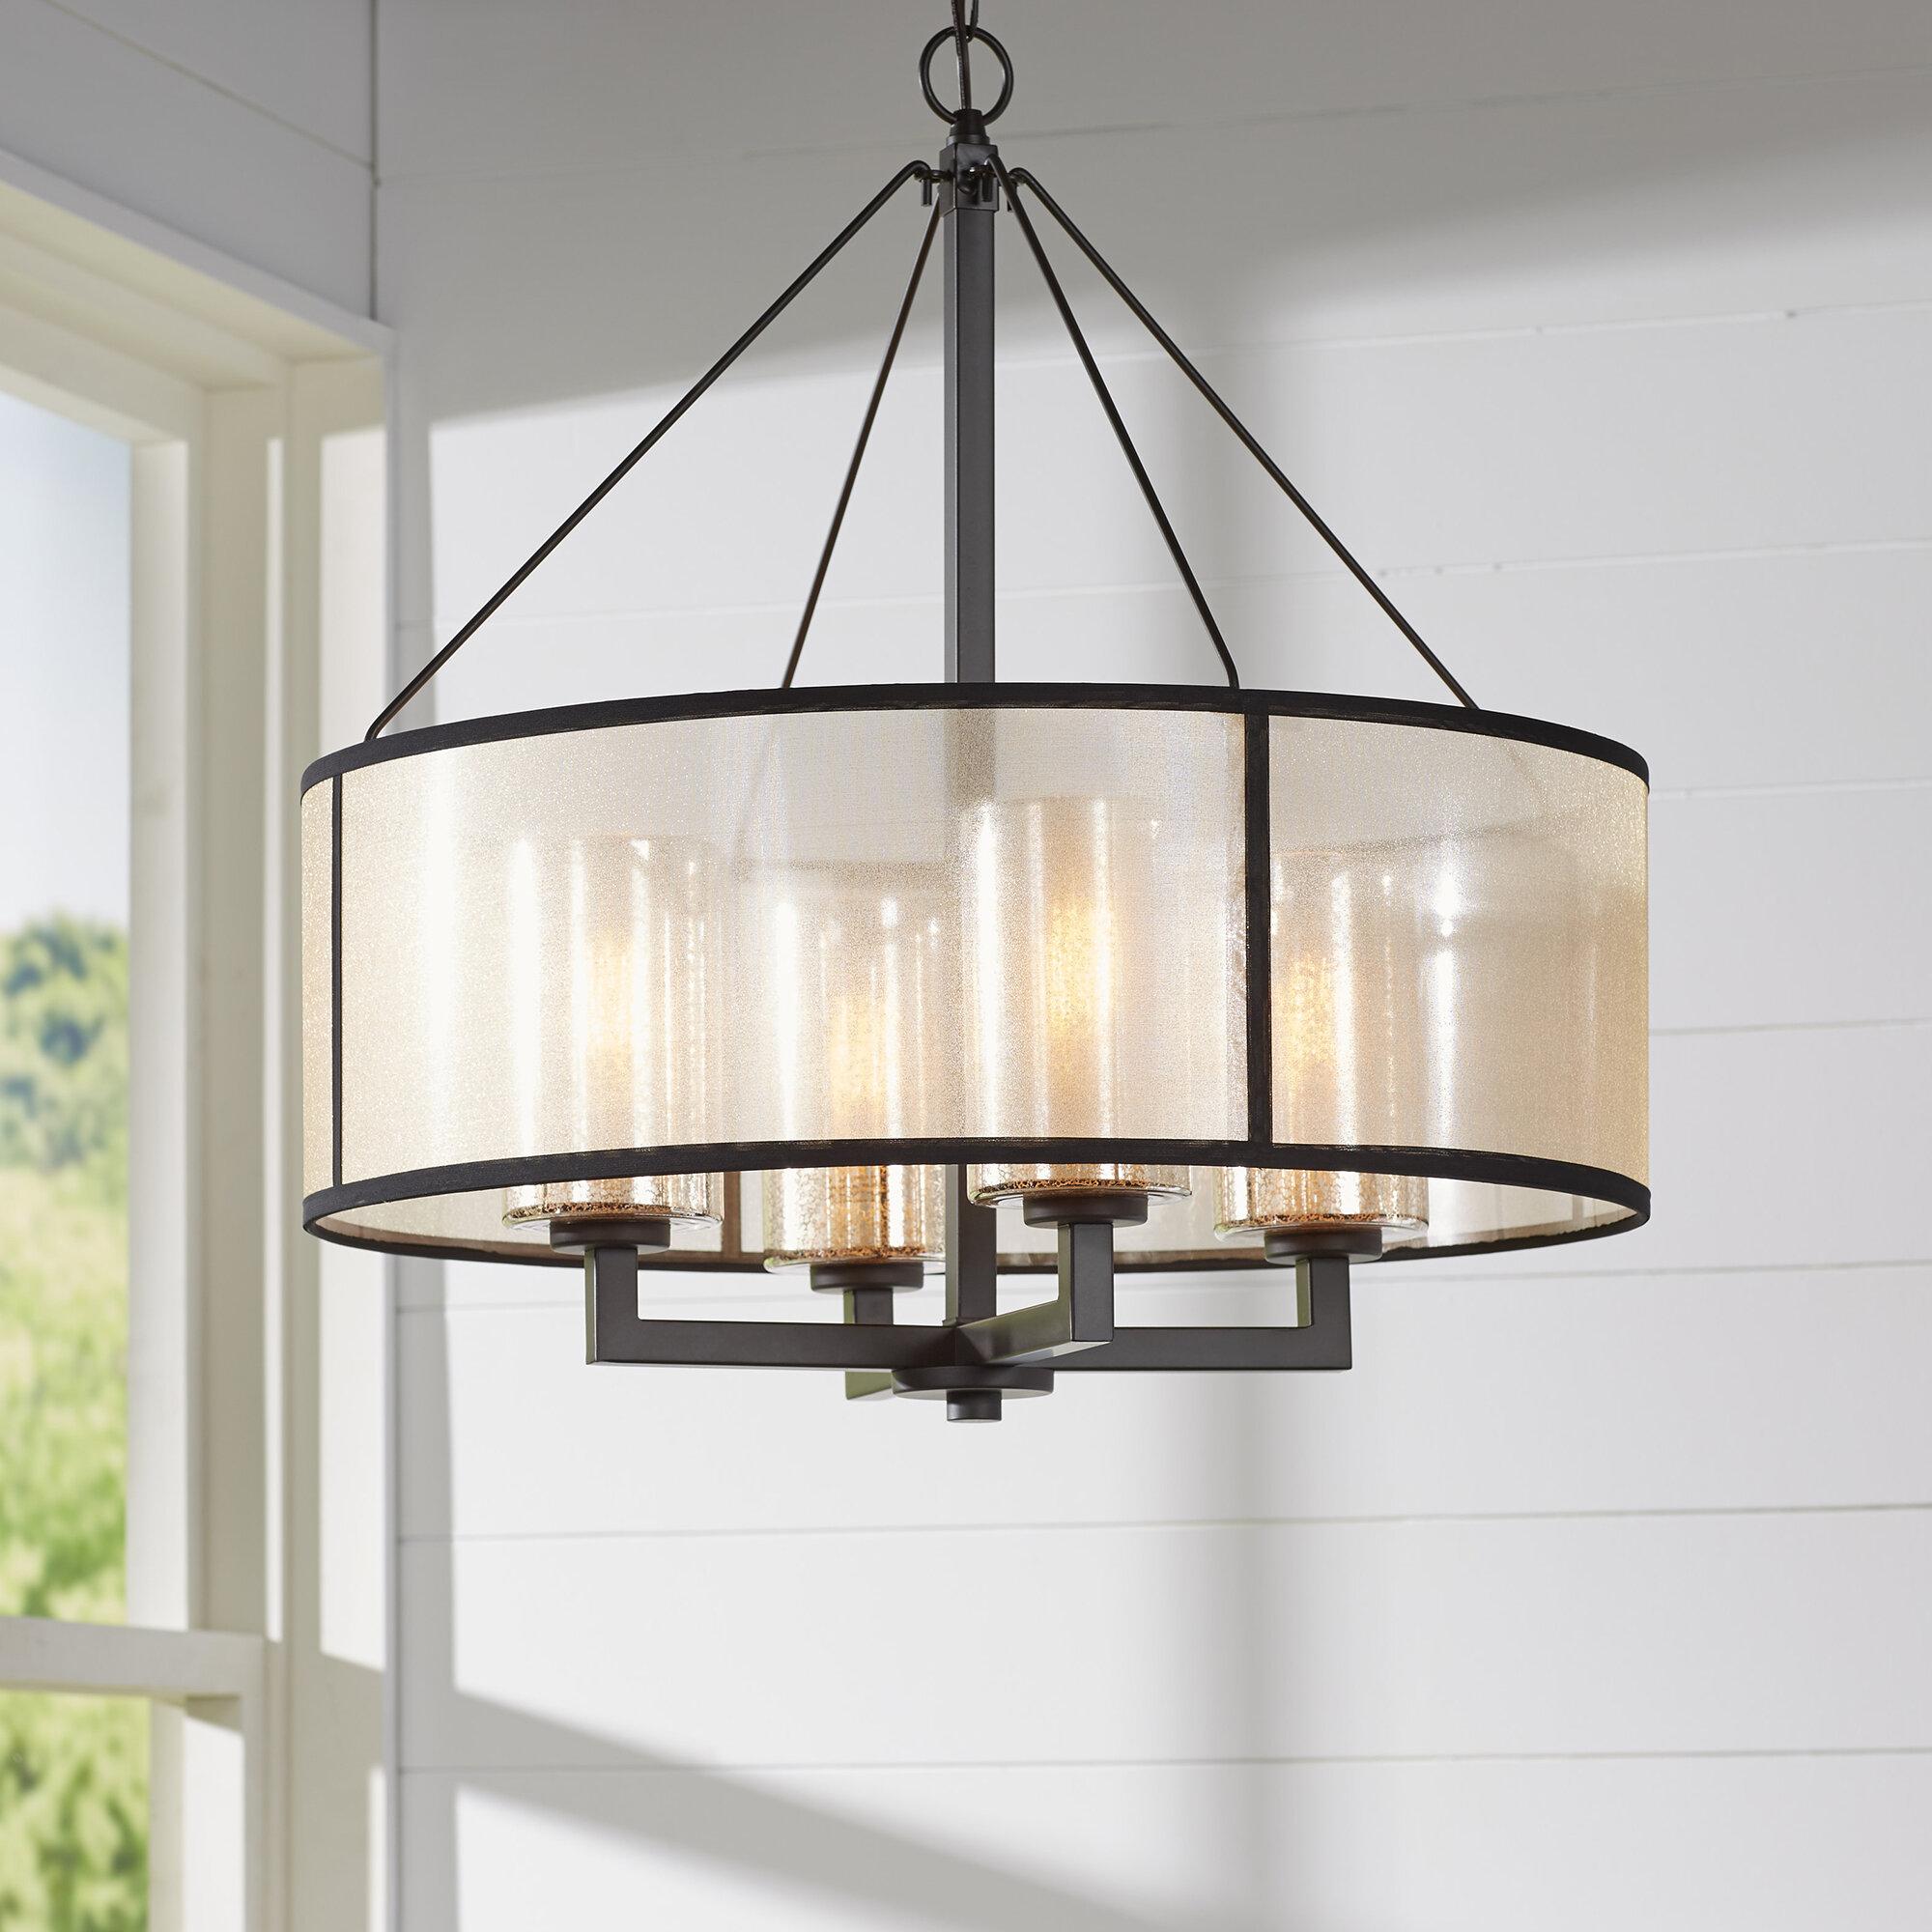 Brayden Studio Dailey 4 Light